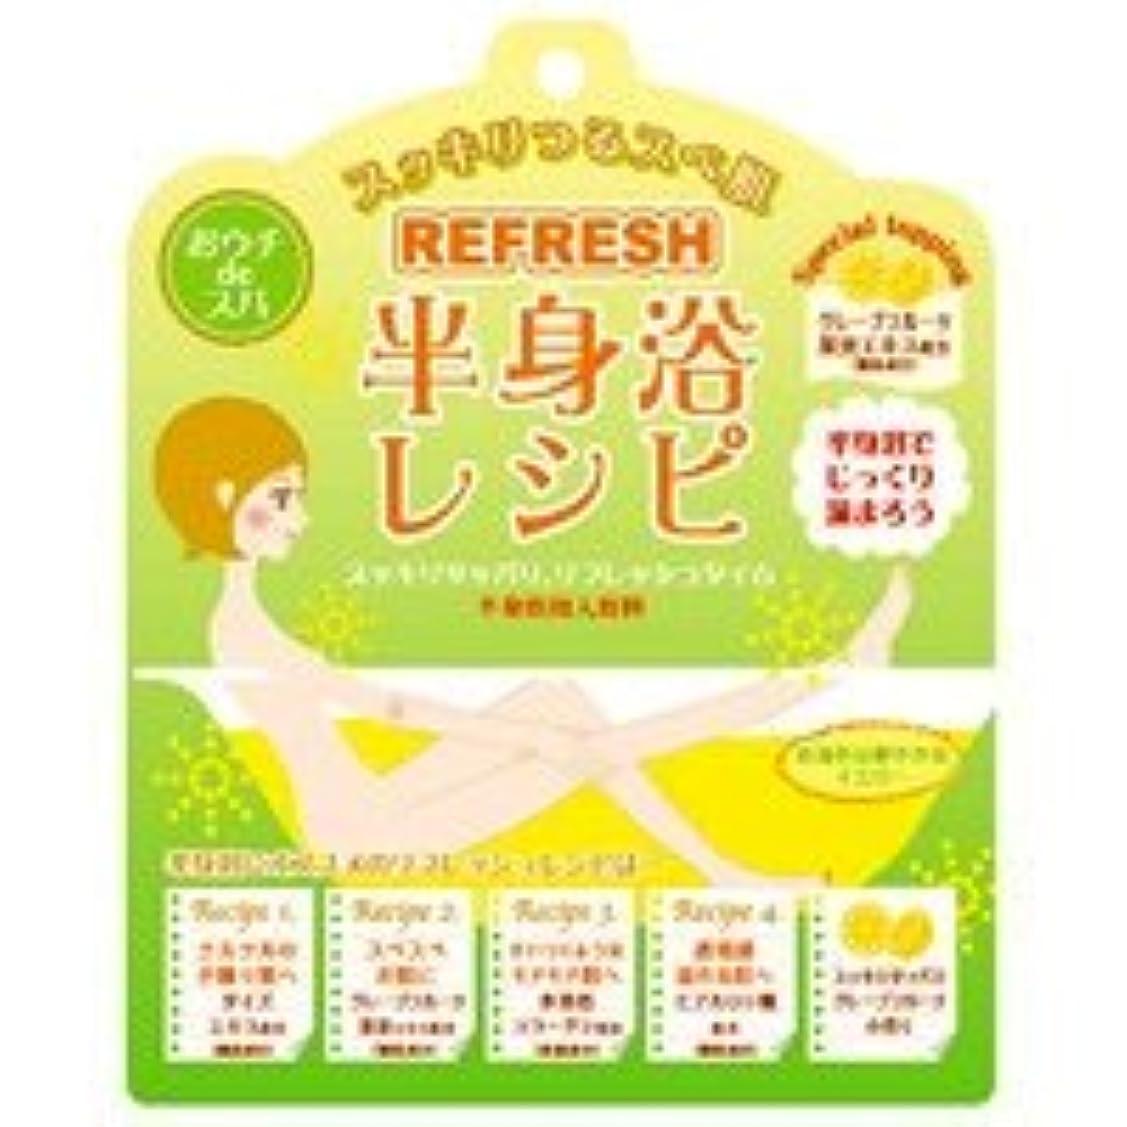 ジョリー走る裸半身浴レシピ「リフレッシュレシピ」10個セット クリアイエローのお湯 スッキリサッパリなグレープフルーツの香り